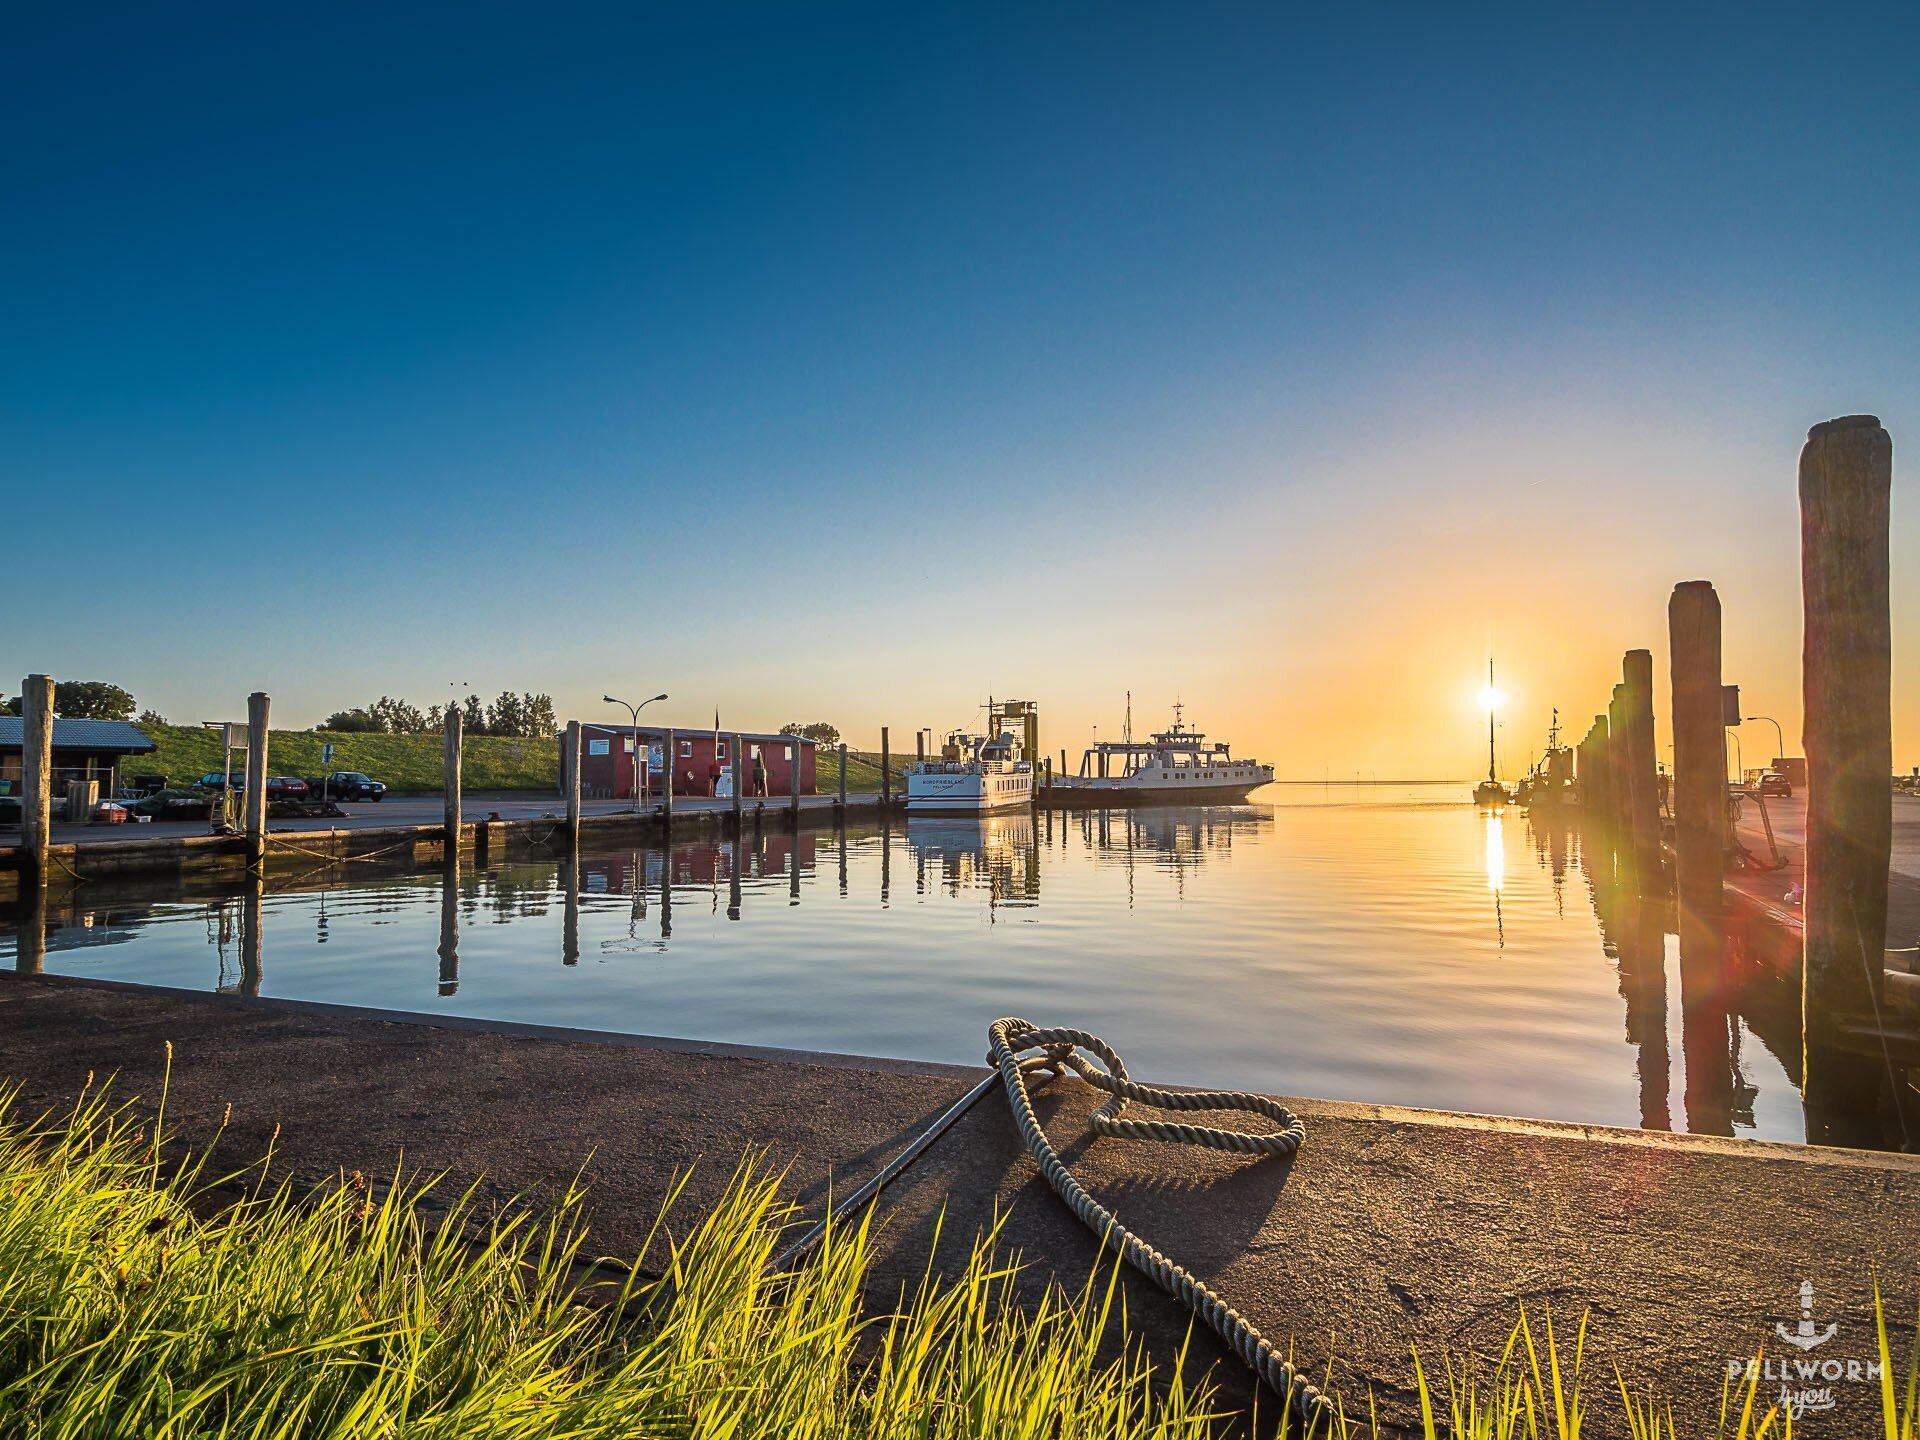 Der Hafen der Nordseeinsel Pellworm im goldenen Licht des Sonnenaufgangs. Das ist echte Entspannung im Urlaub.